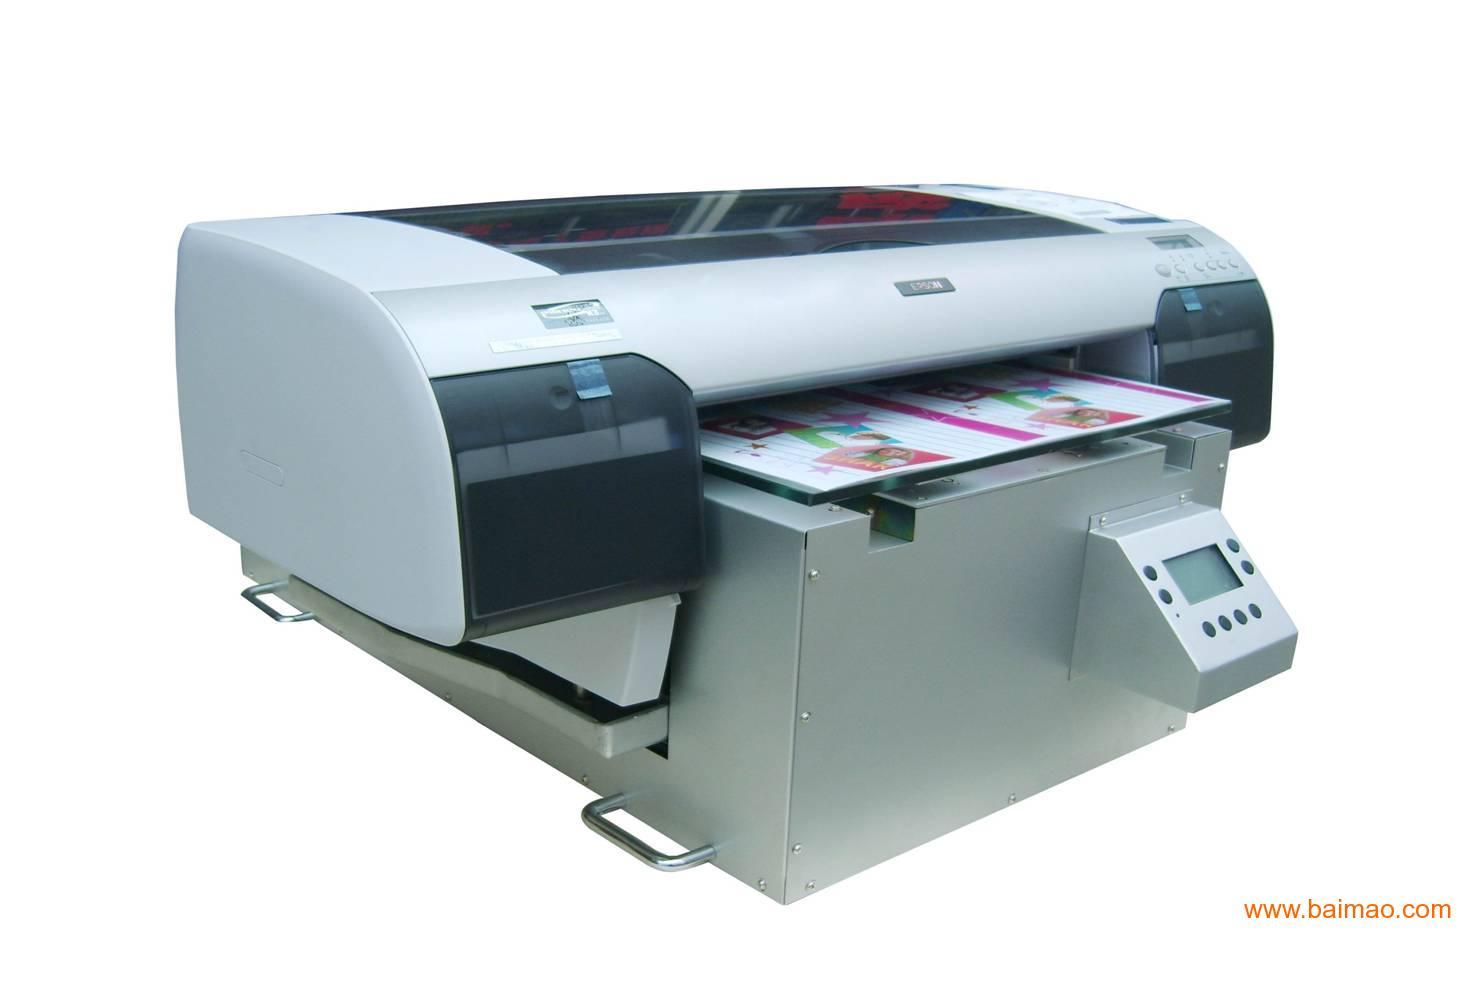 保温袋印刷机,喷墨打印机,产品喷绘机